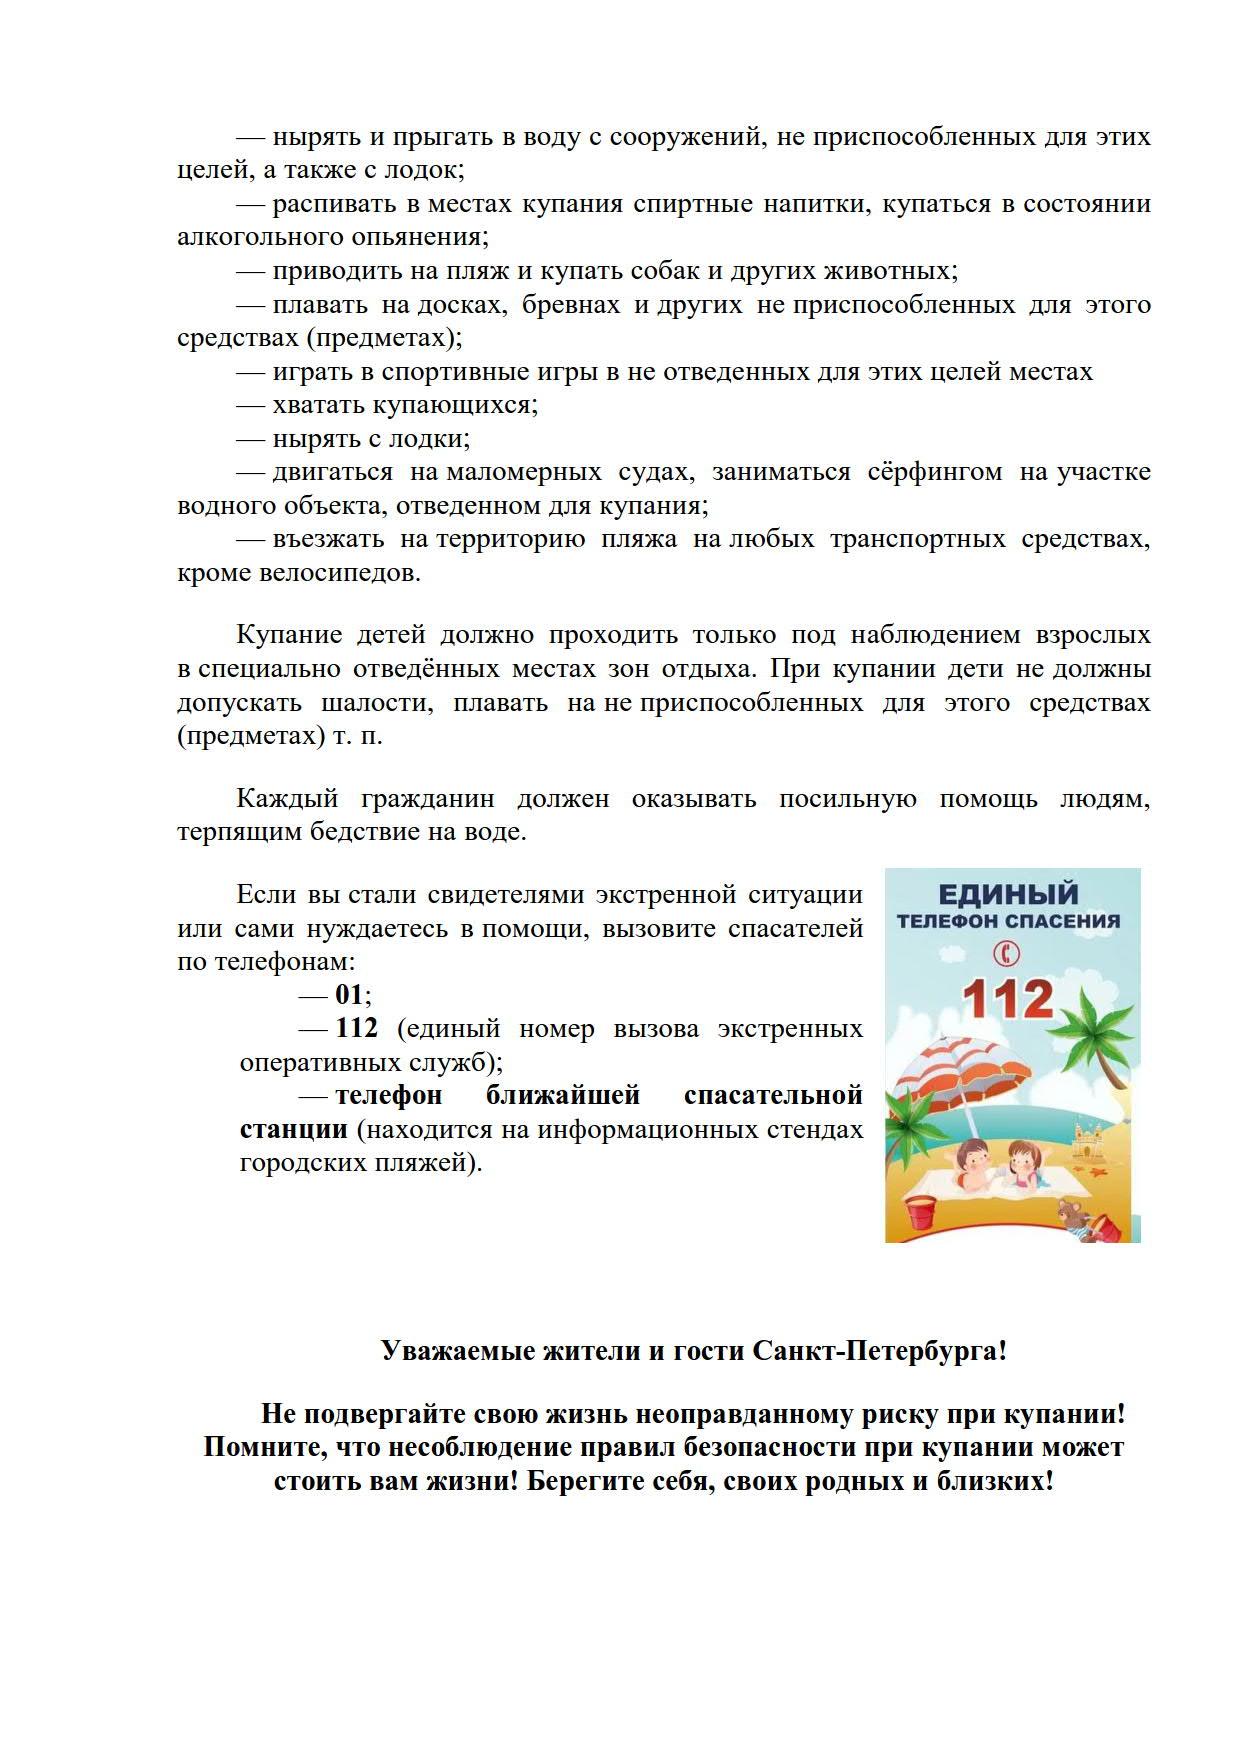 В СПб возвращается лето_2